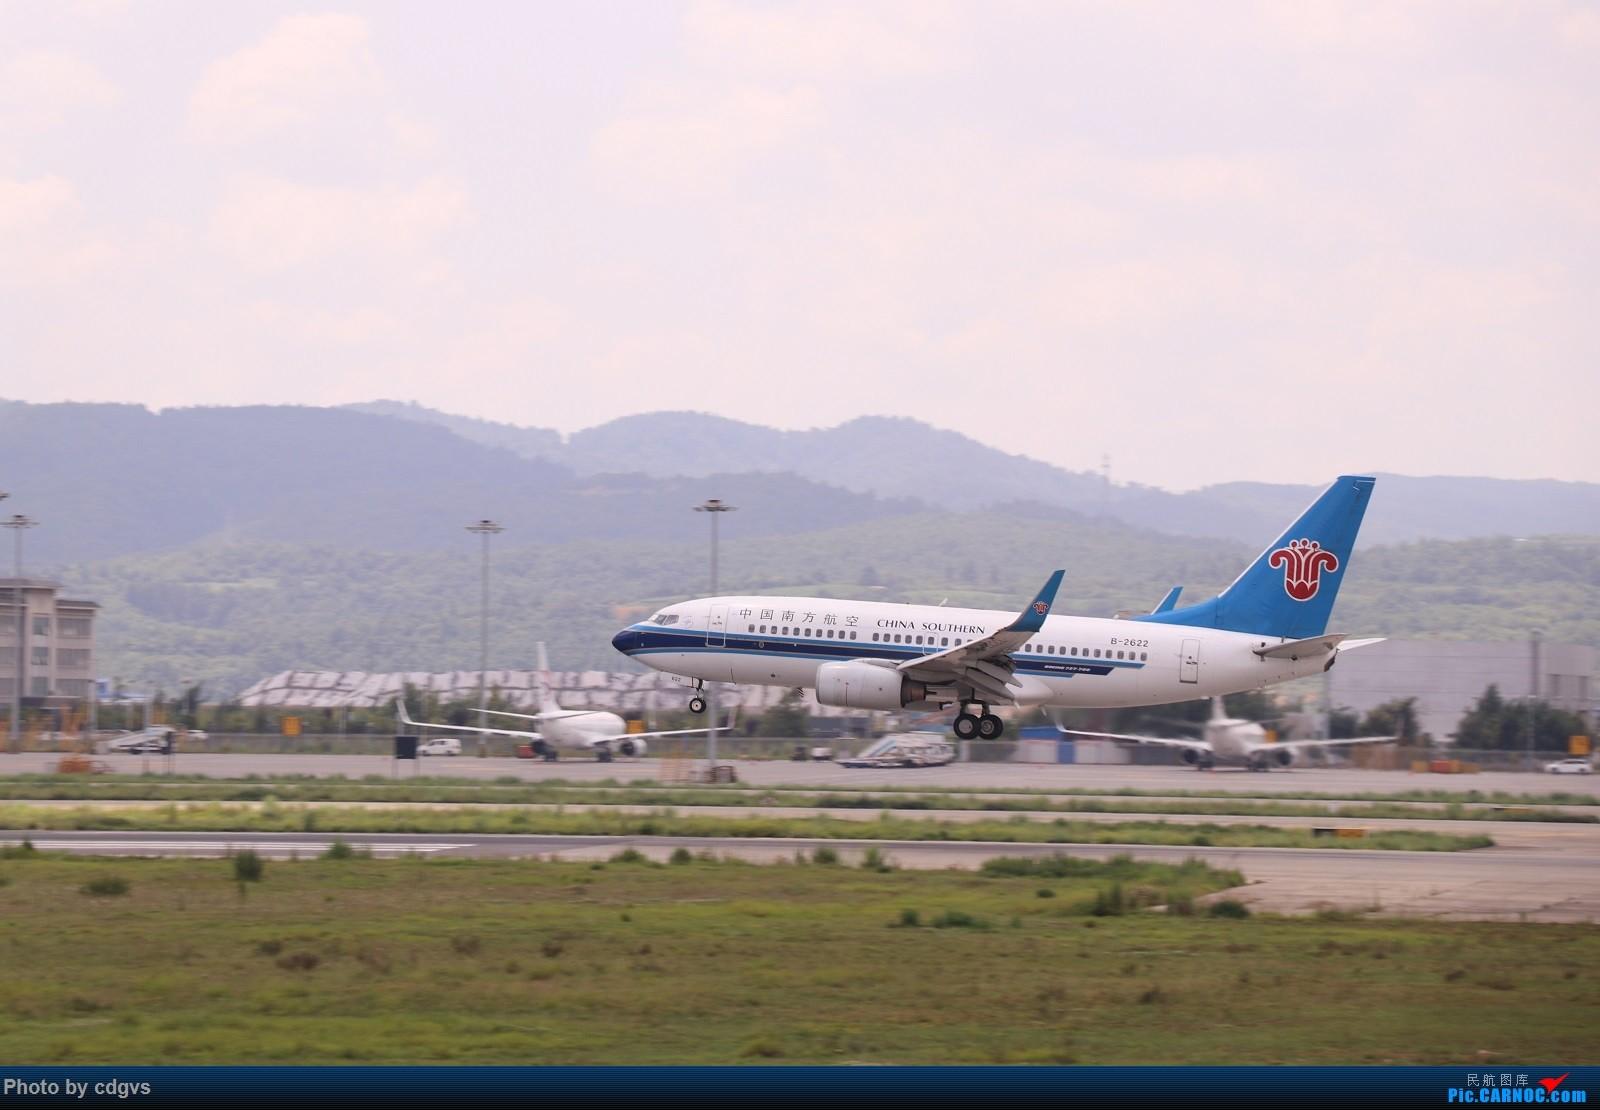 Re:[原创]【KMG】昆明的一天 1600大图 一次看个爽 BOEING 737-700 B-2622 中国昆明长水国际机场